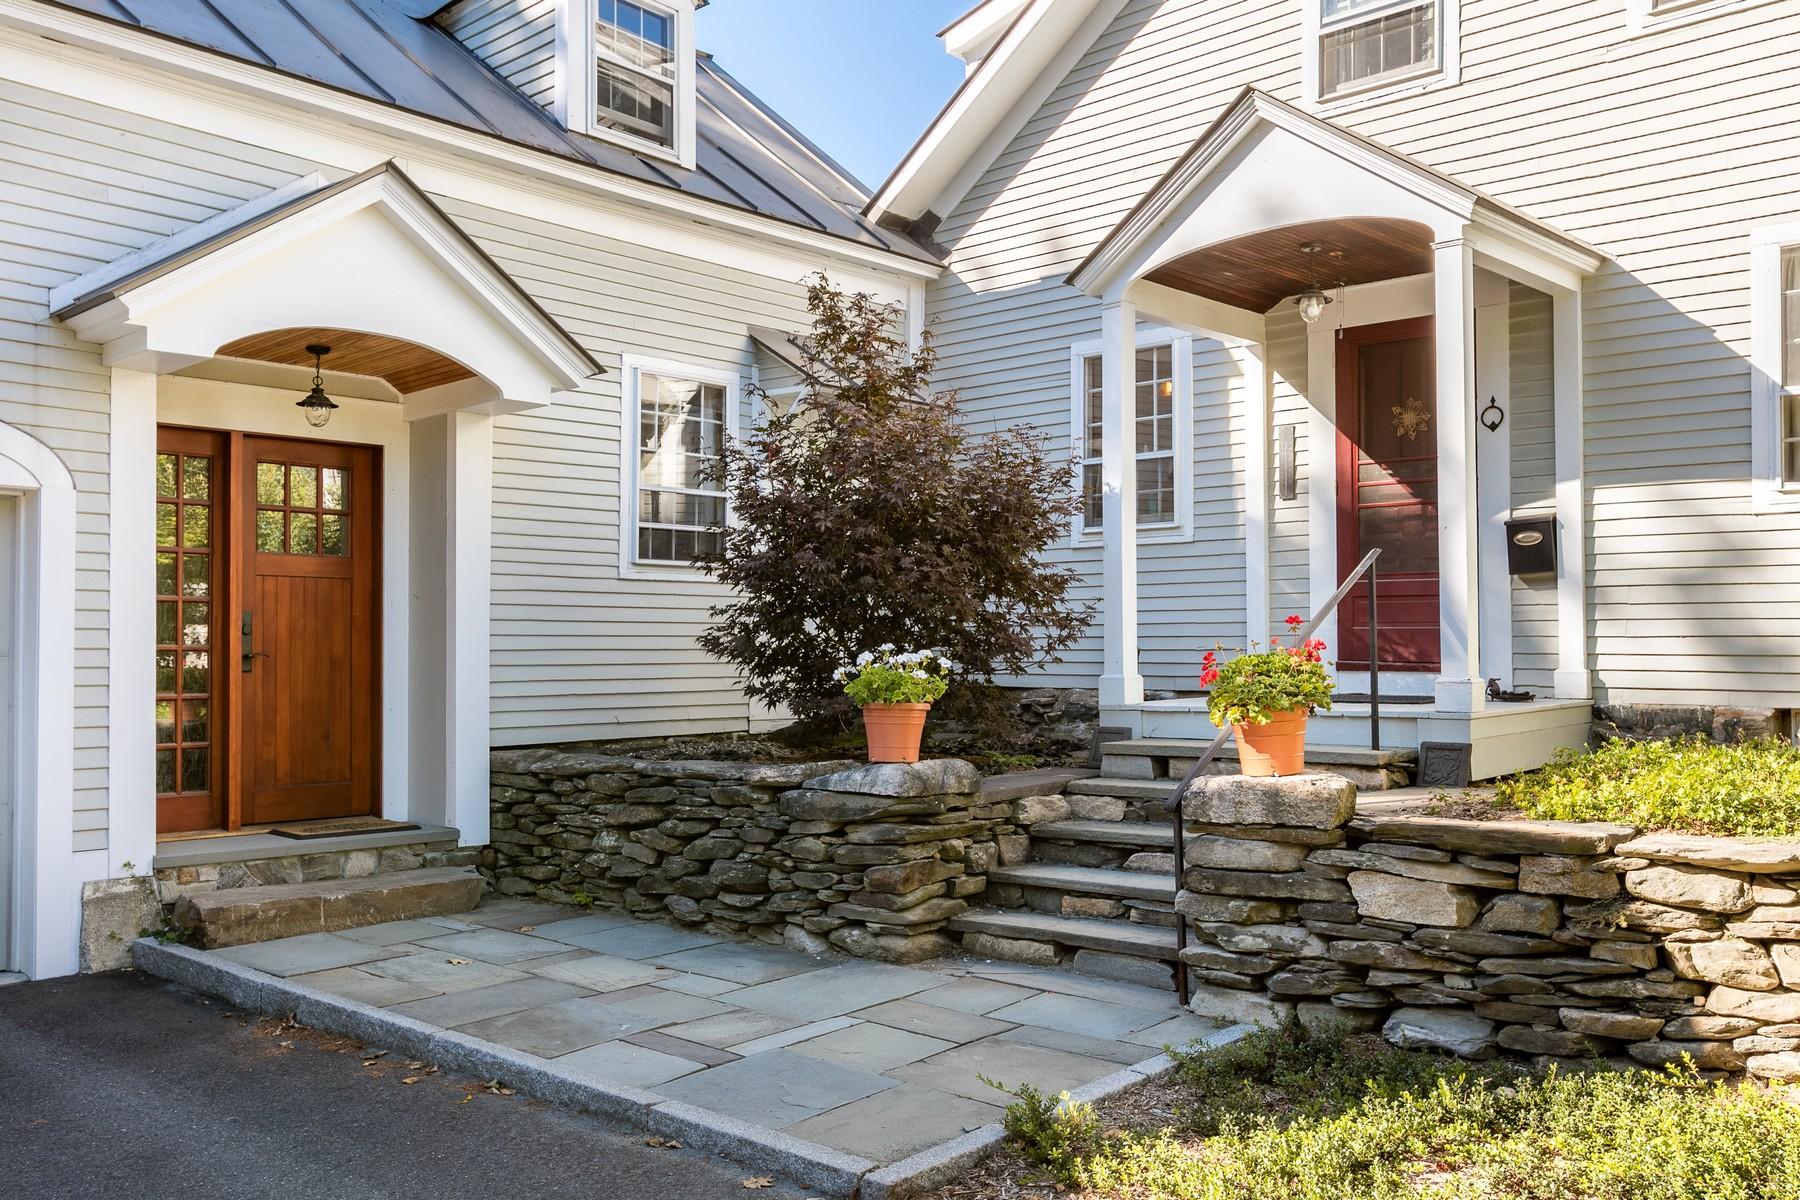 一戸建て のために 売買 アット 131 South Main St, Hanover Hanover, ニューハンプシャー, 03755 アメリカ合衆国